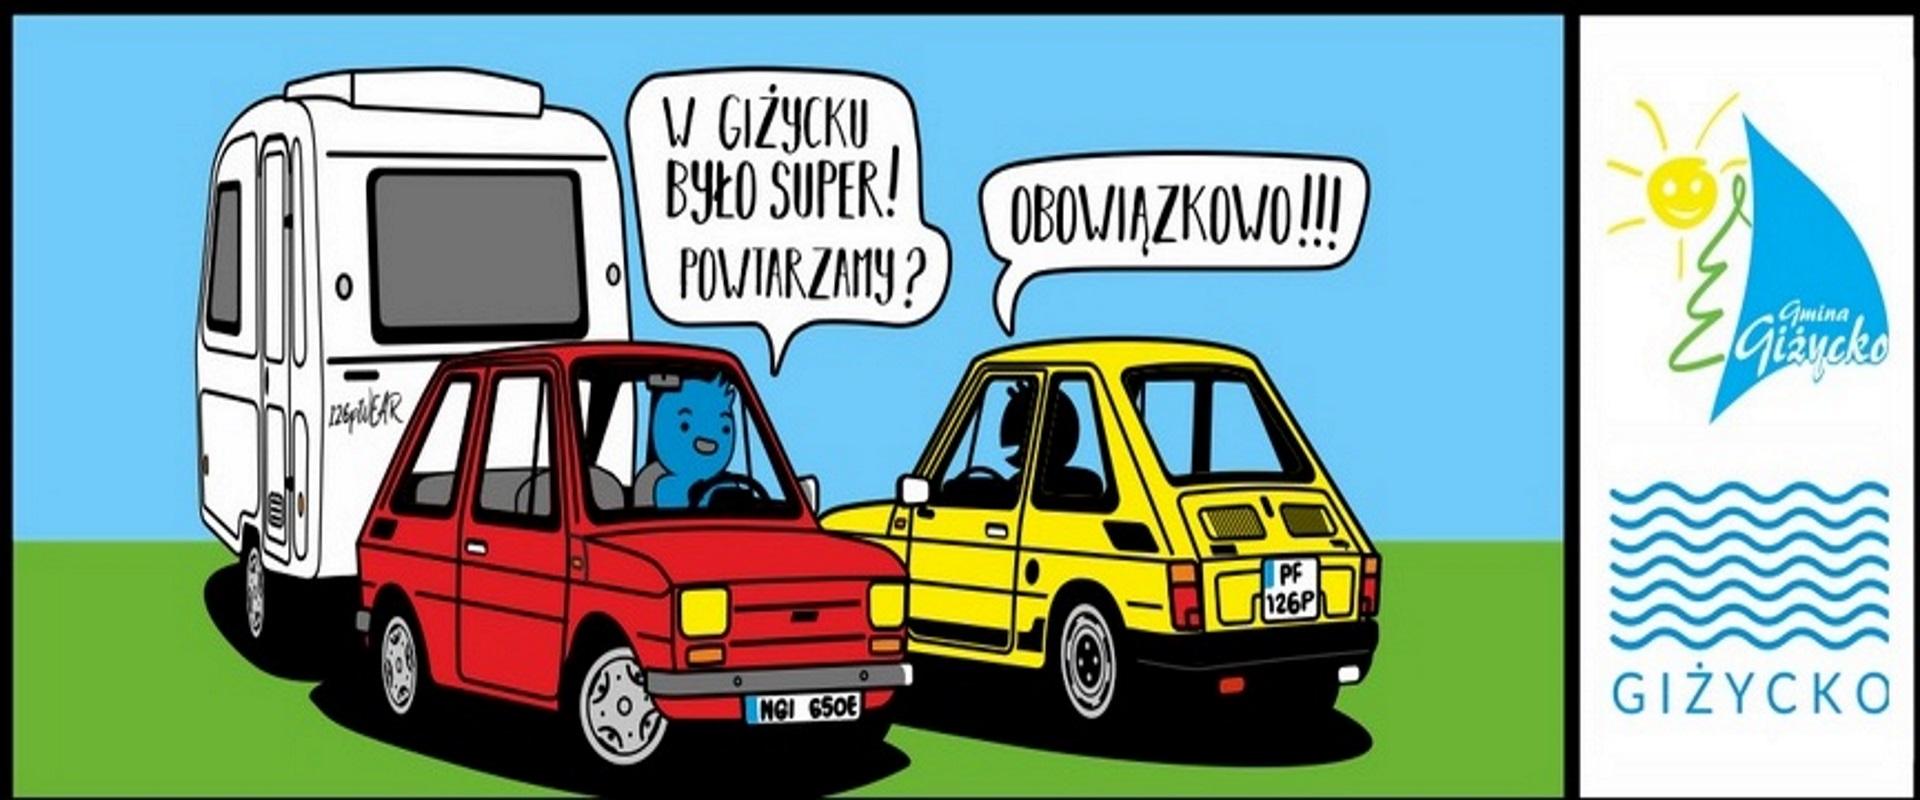 Zdjęcie, plakat zapraszający do Giżycka na kolejna edycję Mazurskich Spotkań Fiatów 126p Giżycko 2020. Na plakacie dwa małe fiaty w formie graficznej.